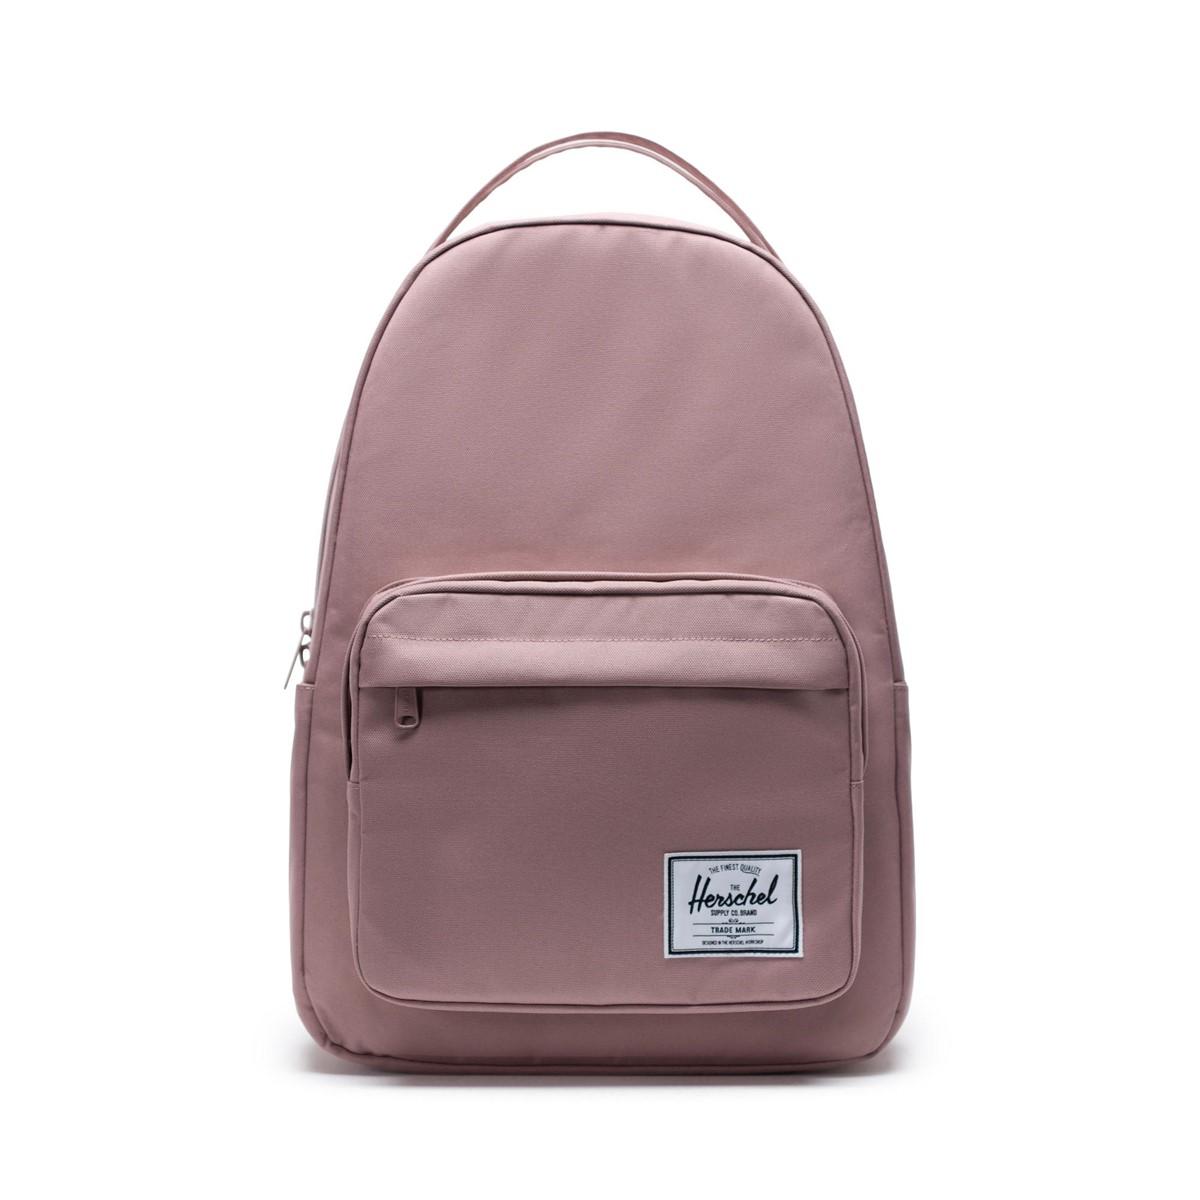 Miller Backpack in Ash Rose